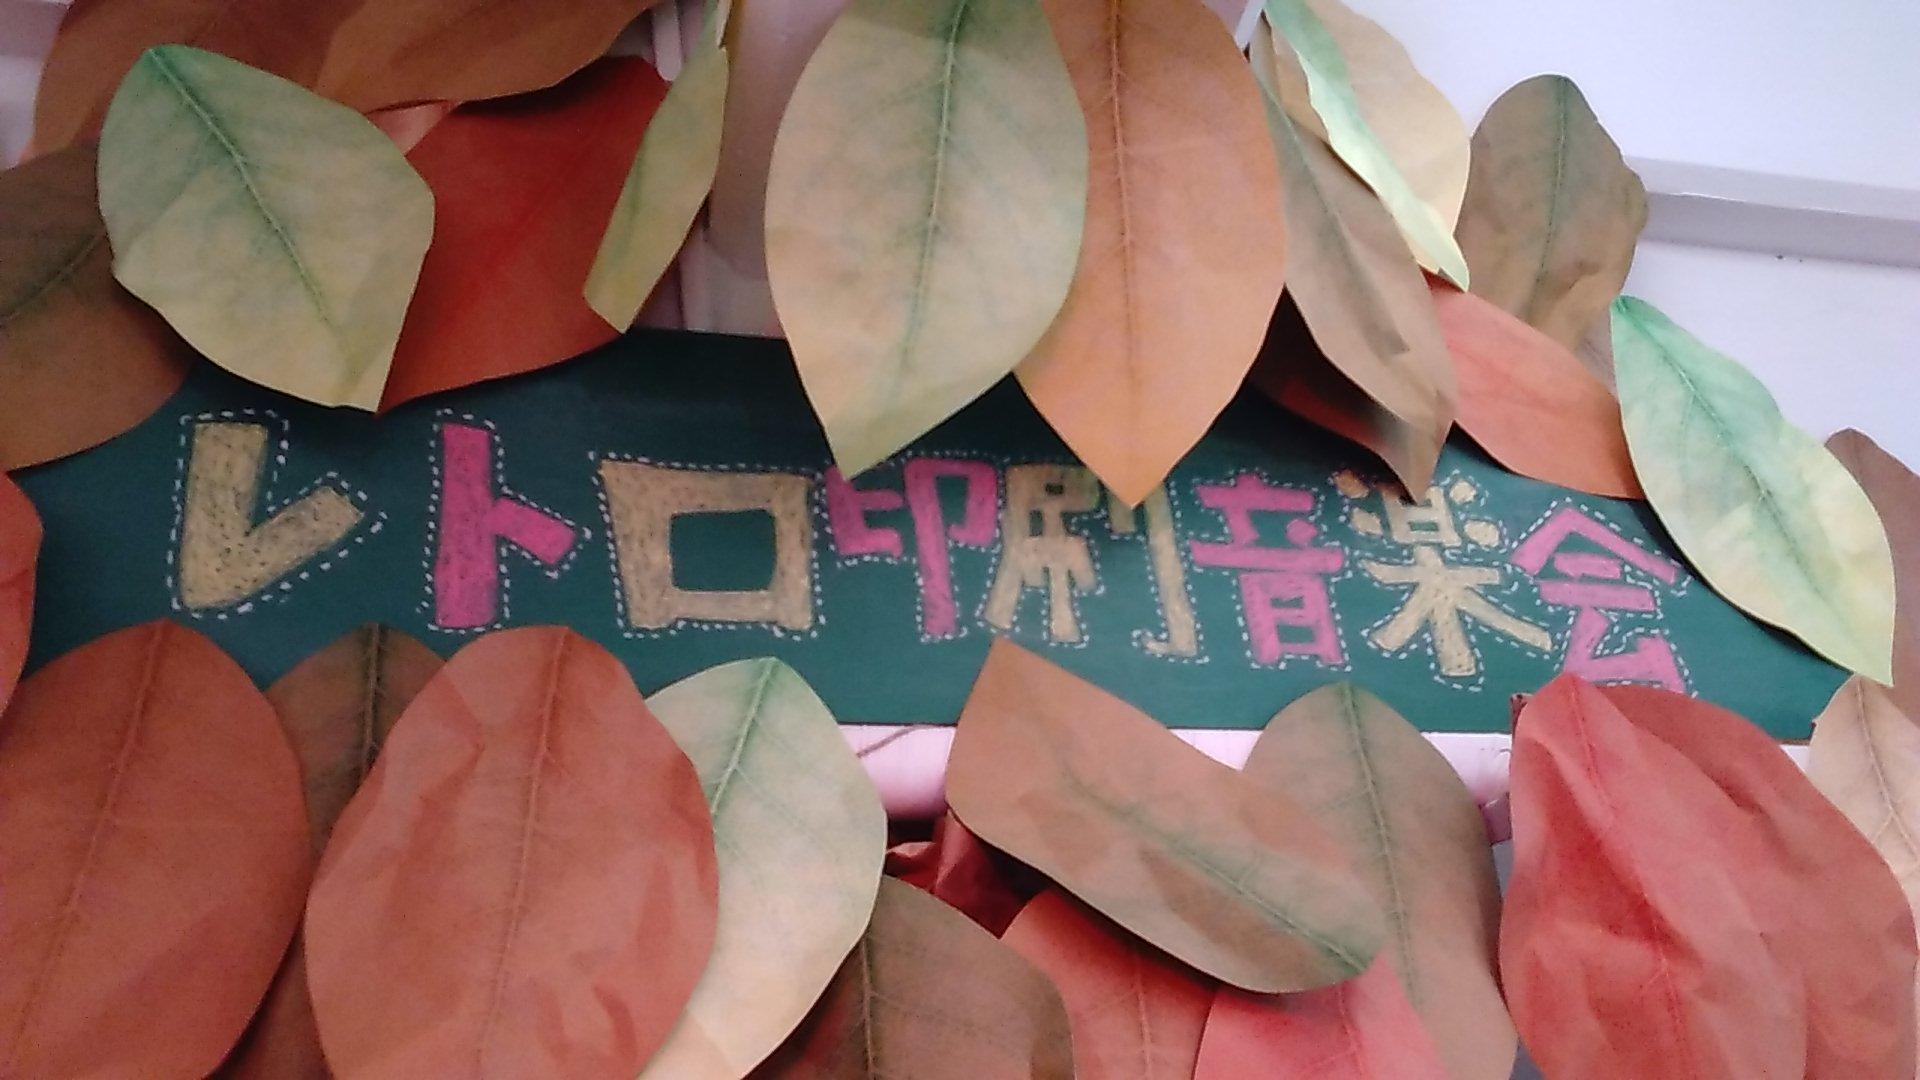 ライブのお礼: 2015/10/17(土)  レトロ印刷音楽会